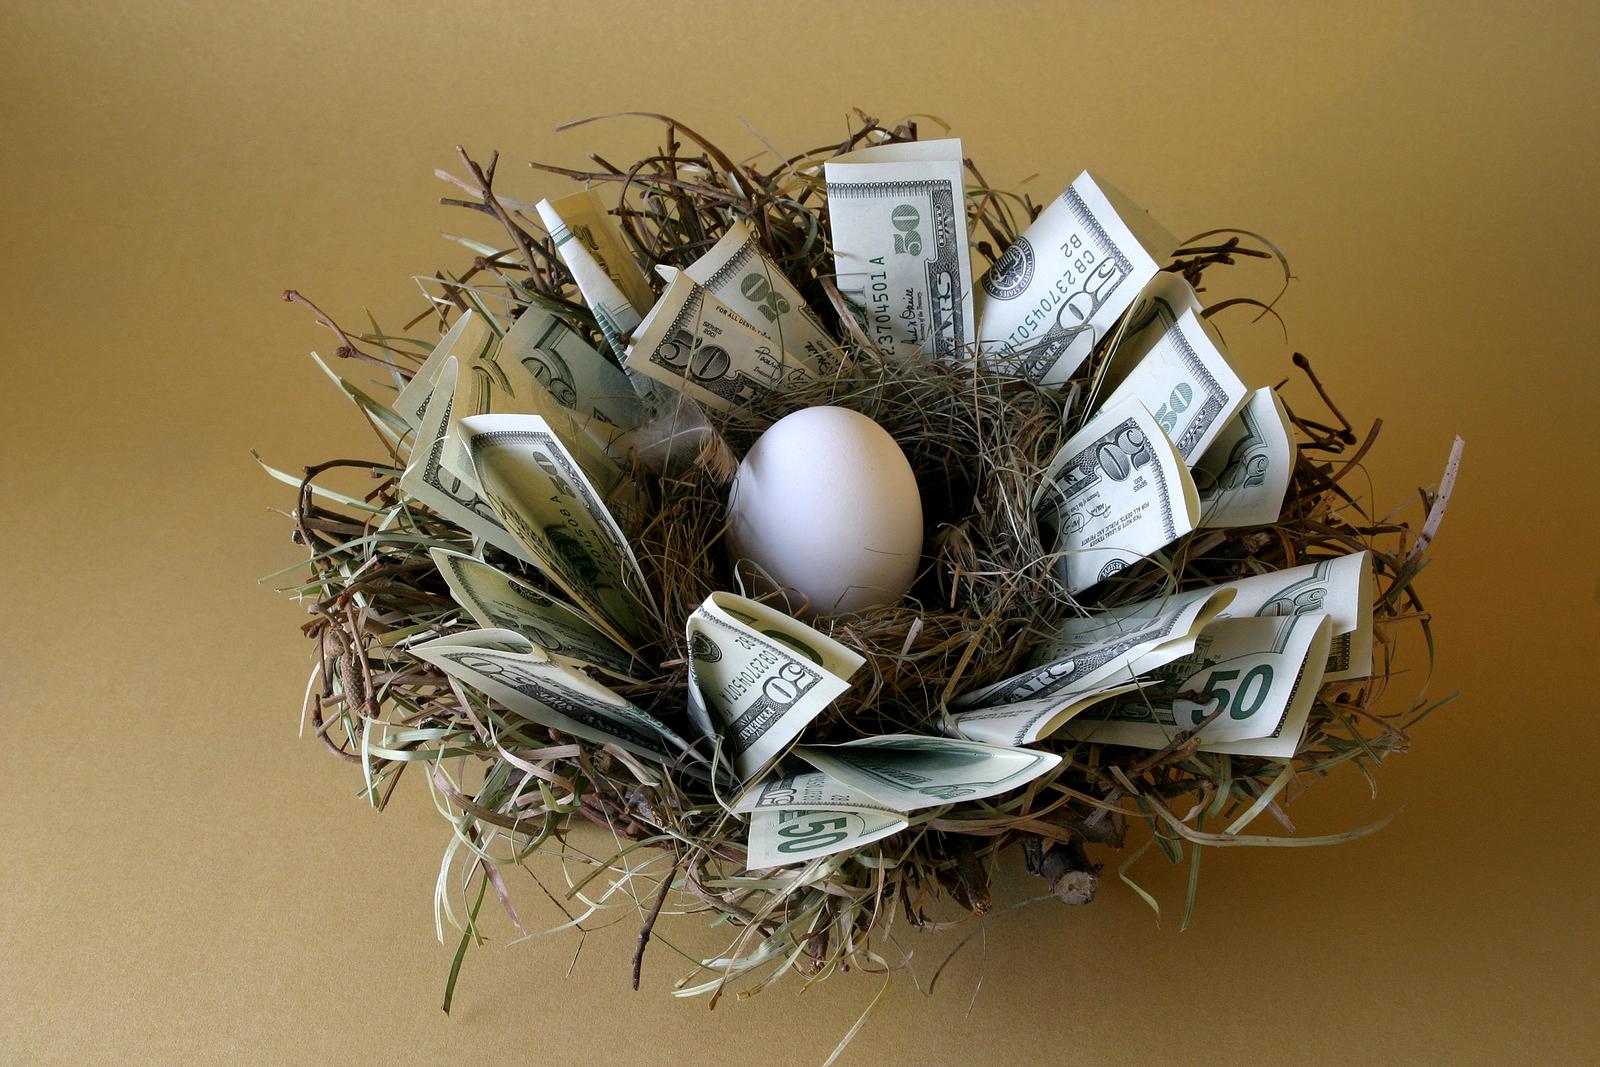 bigstock-Nest-Egg-342971